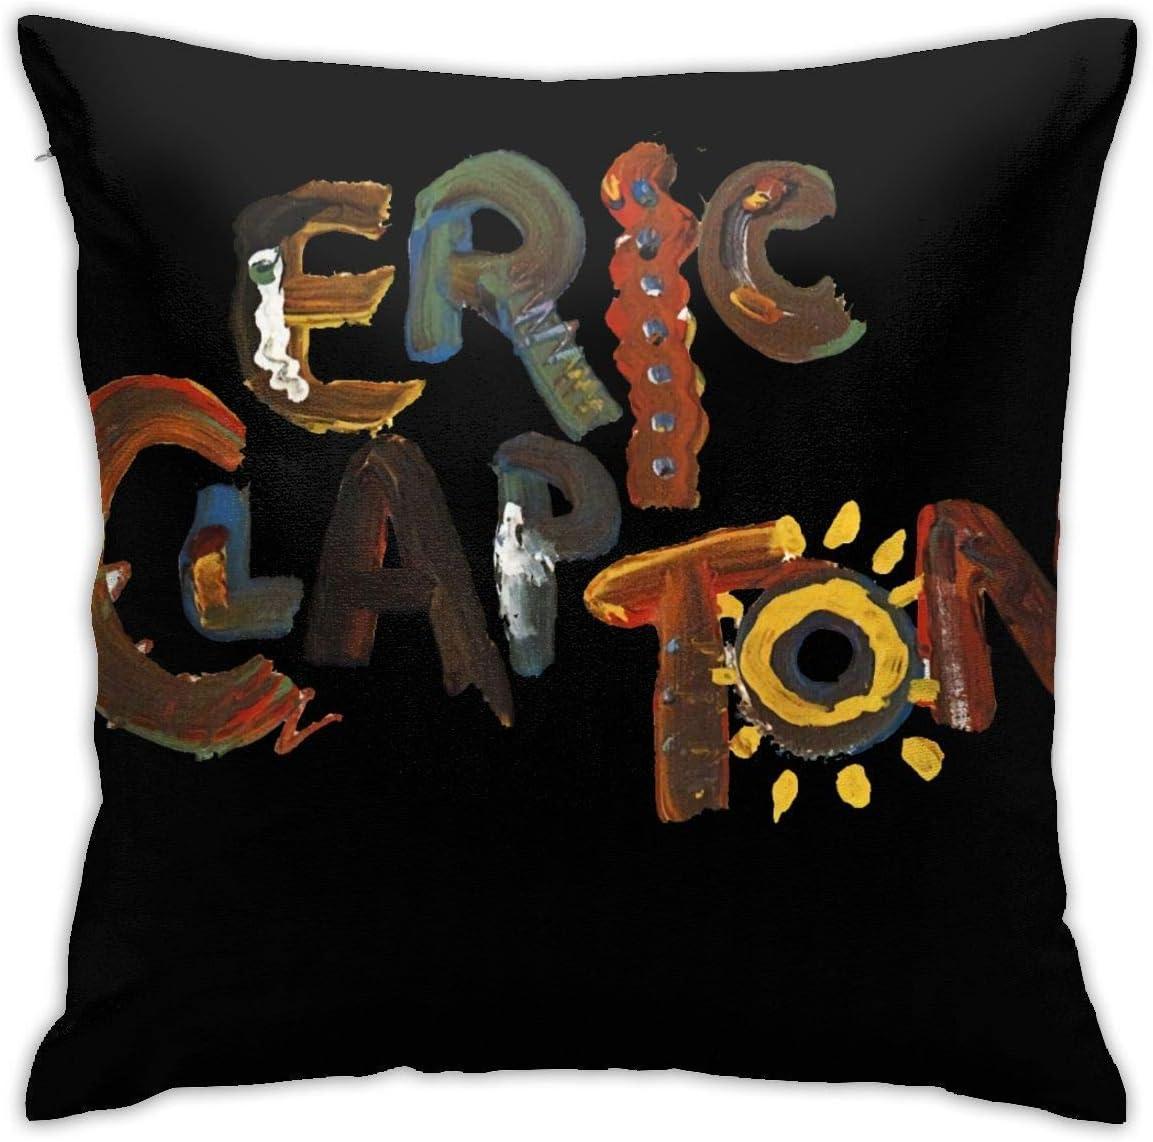 zjipeung Eric Clapton - Funda de almohada cuadrada, diseño de personalidad de moda, decoración del hogar, 45,7 x 45,7 cm